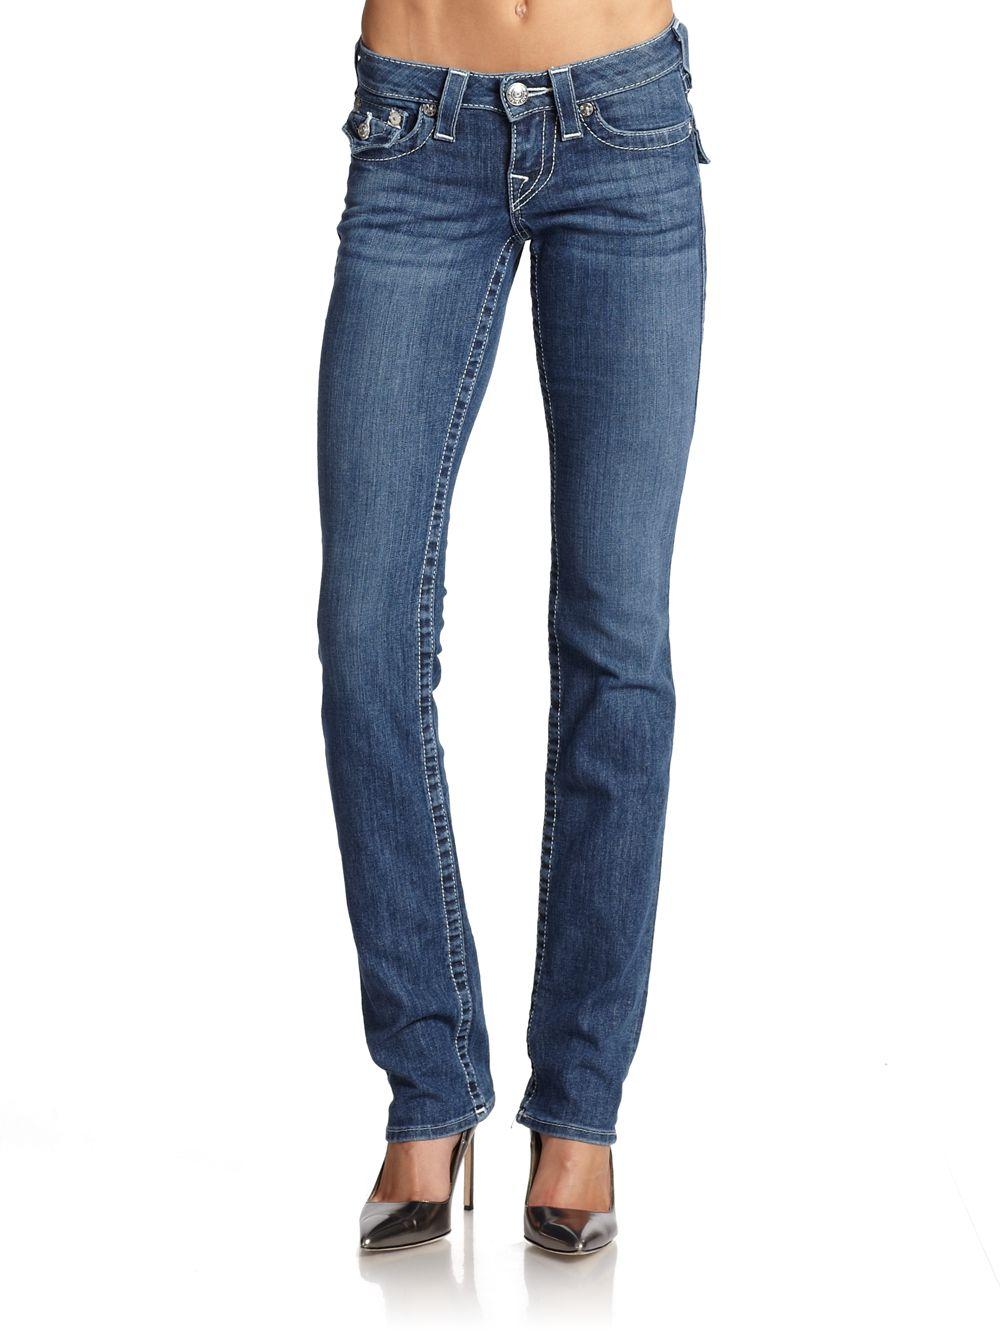 Black True Religion Jeans Women